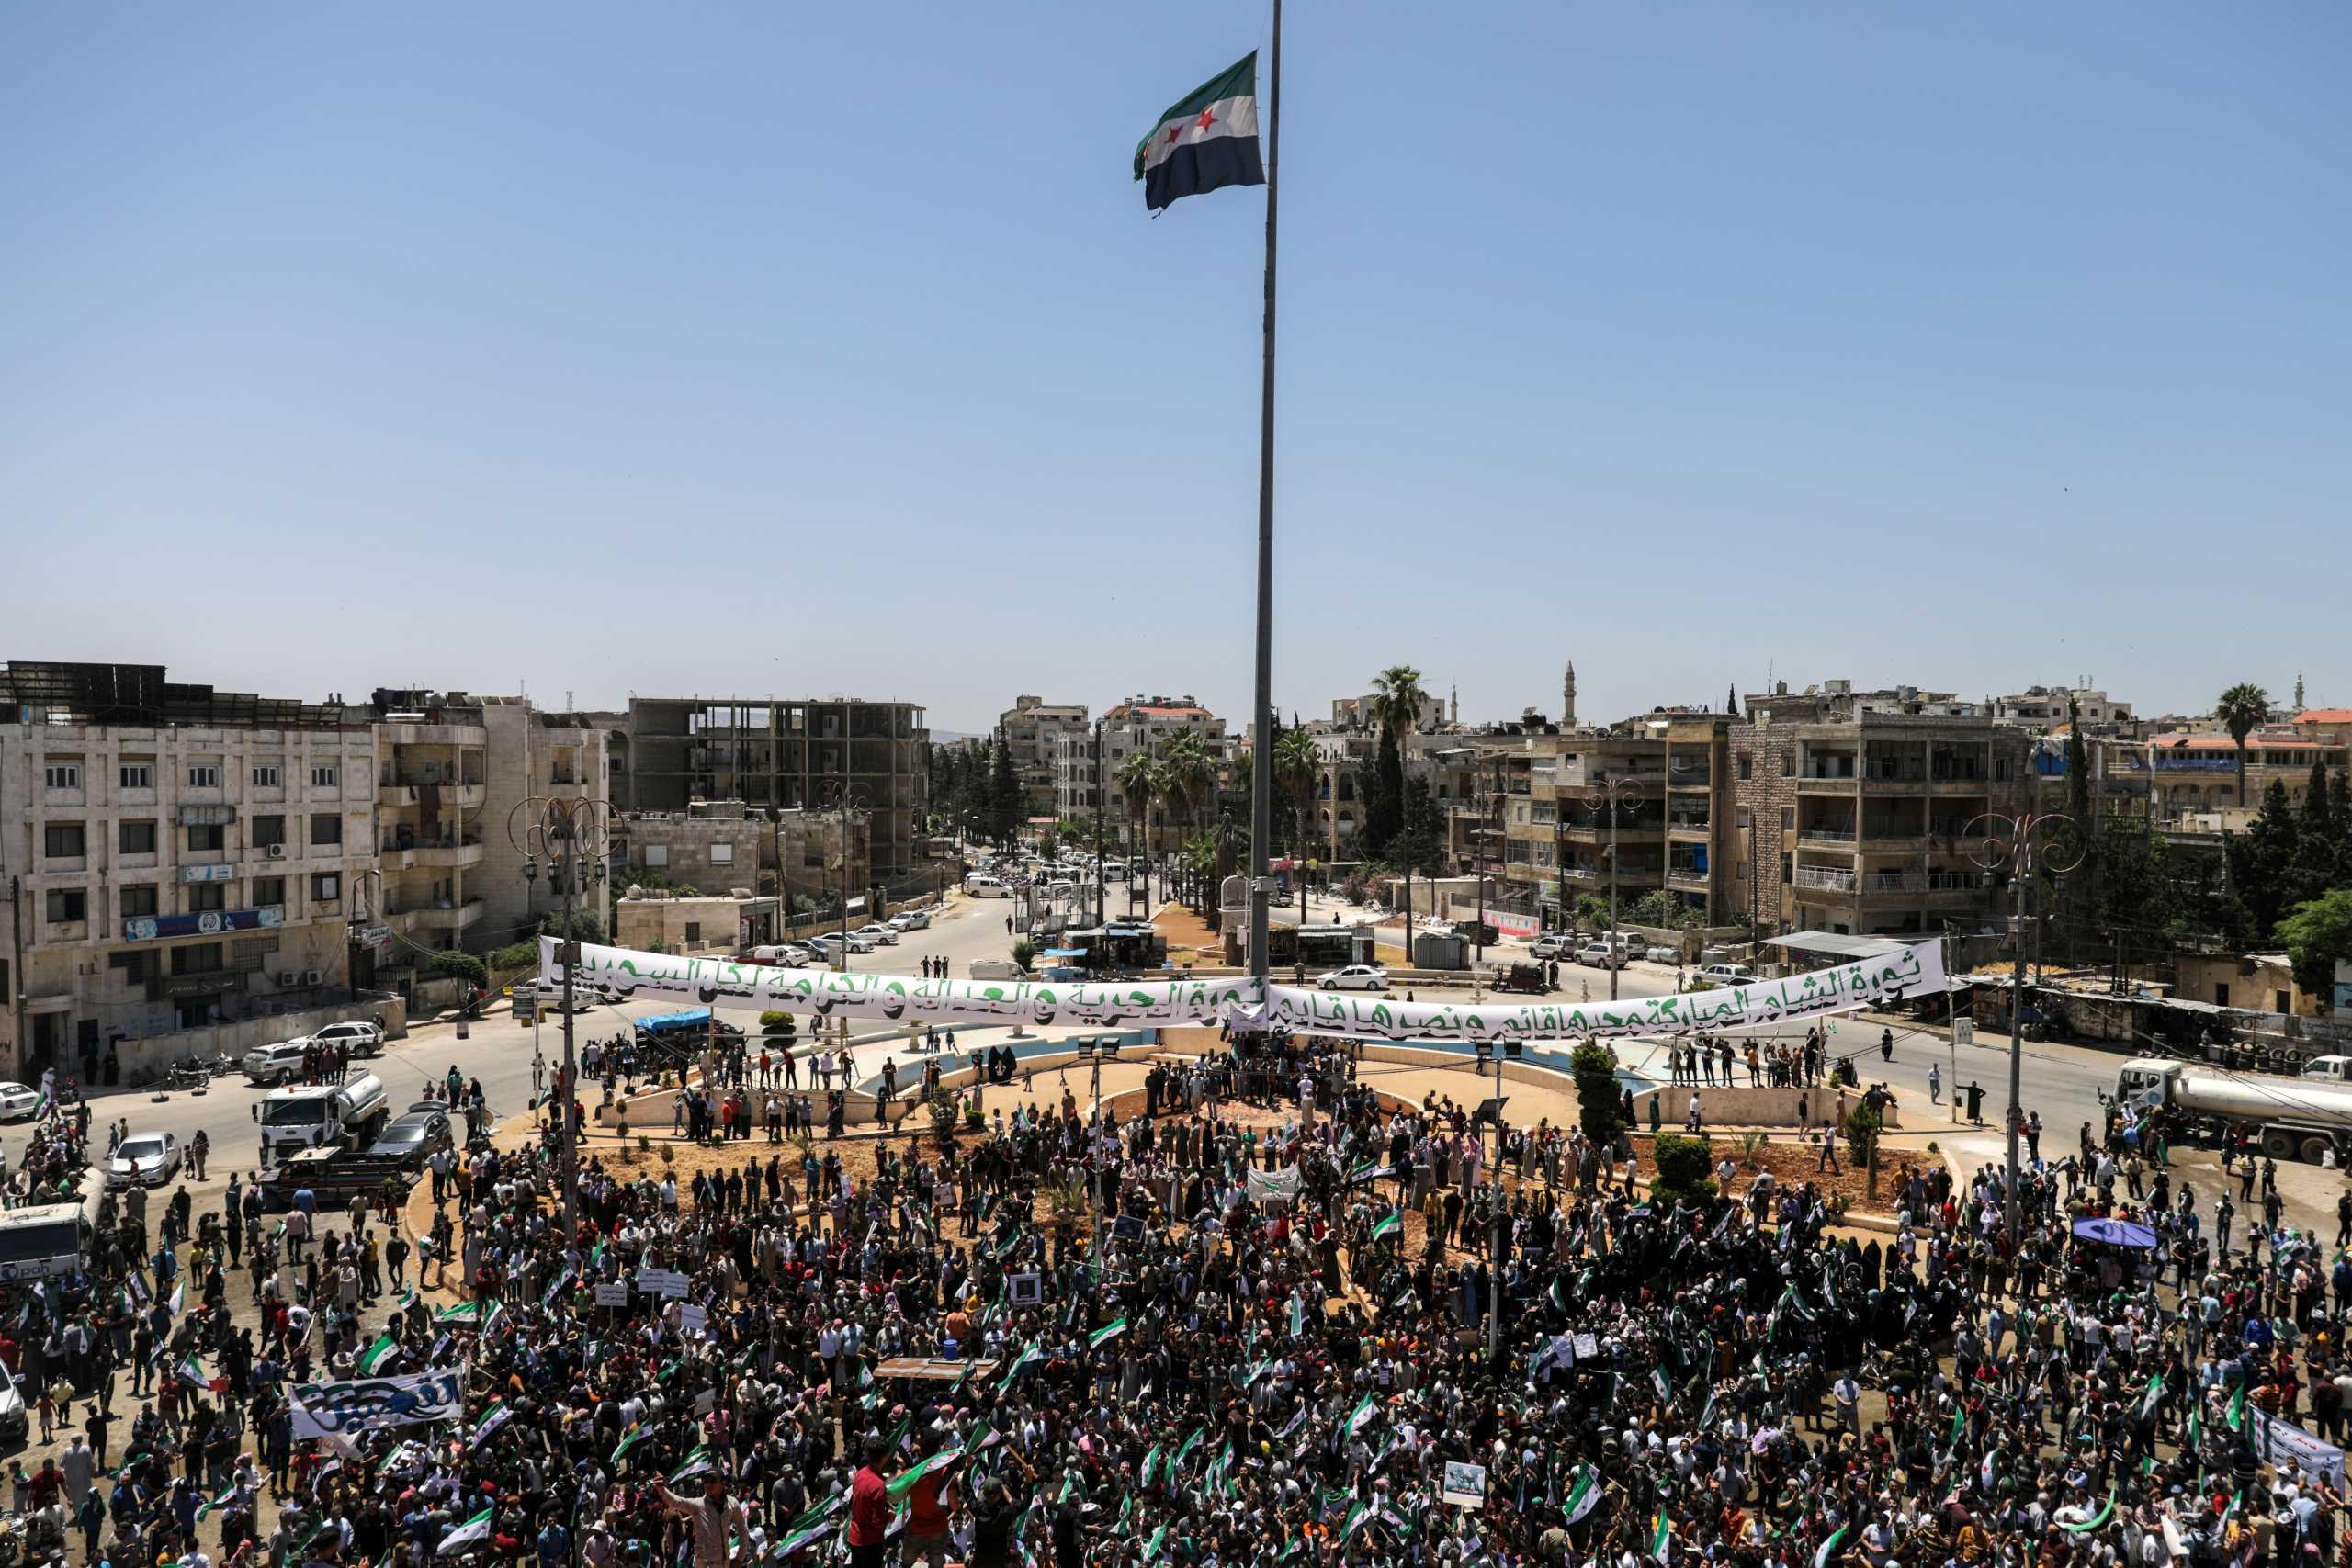 Συρία: 6 νεκροί σε διαδηλώσεις στην πόλη Μάνμπιτζ